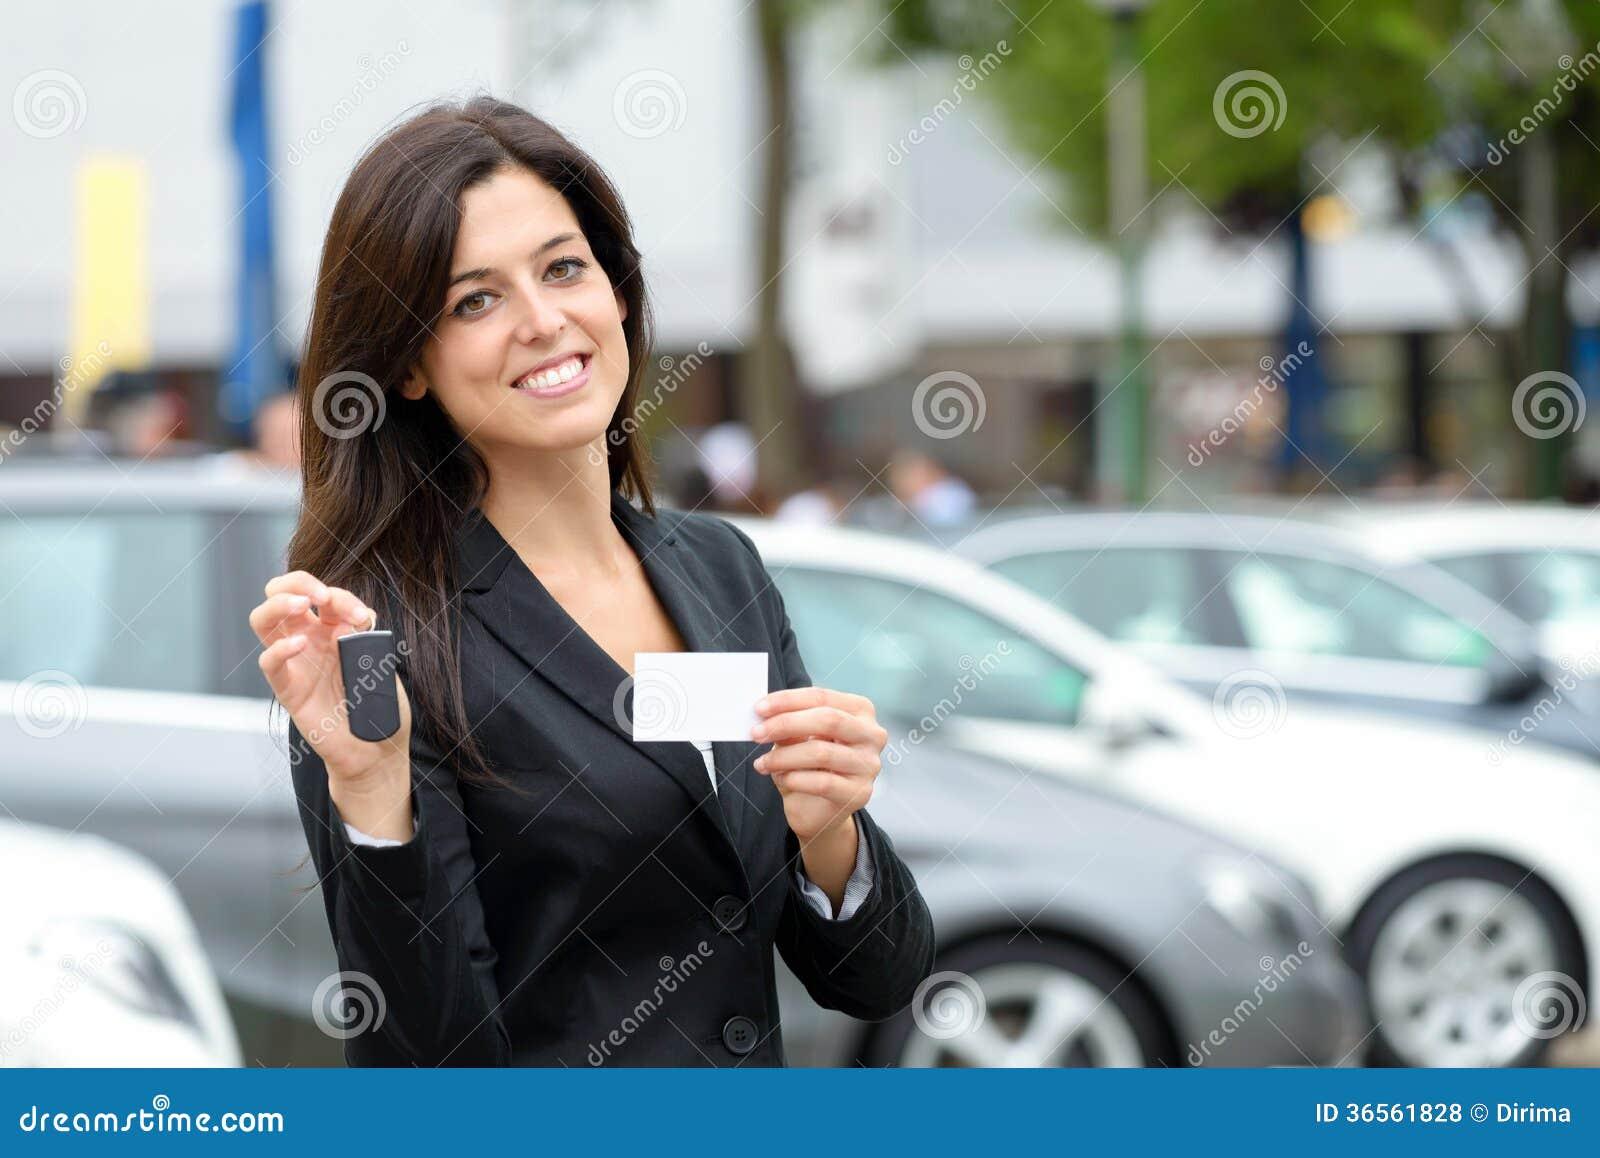 Female Car Sales Consultant